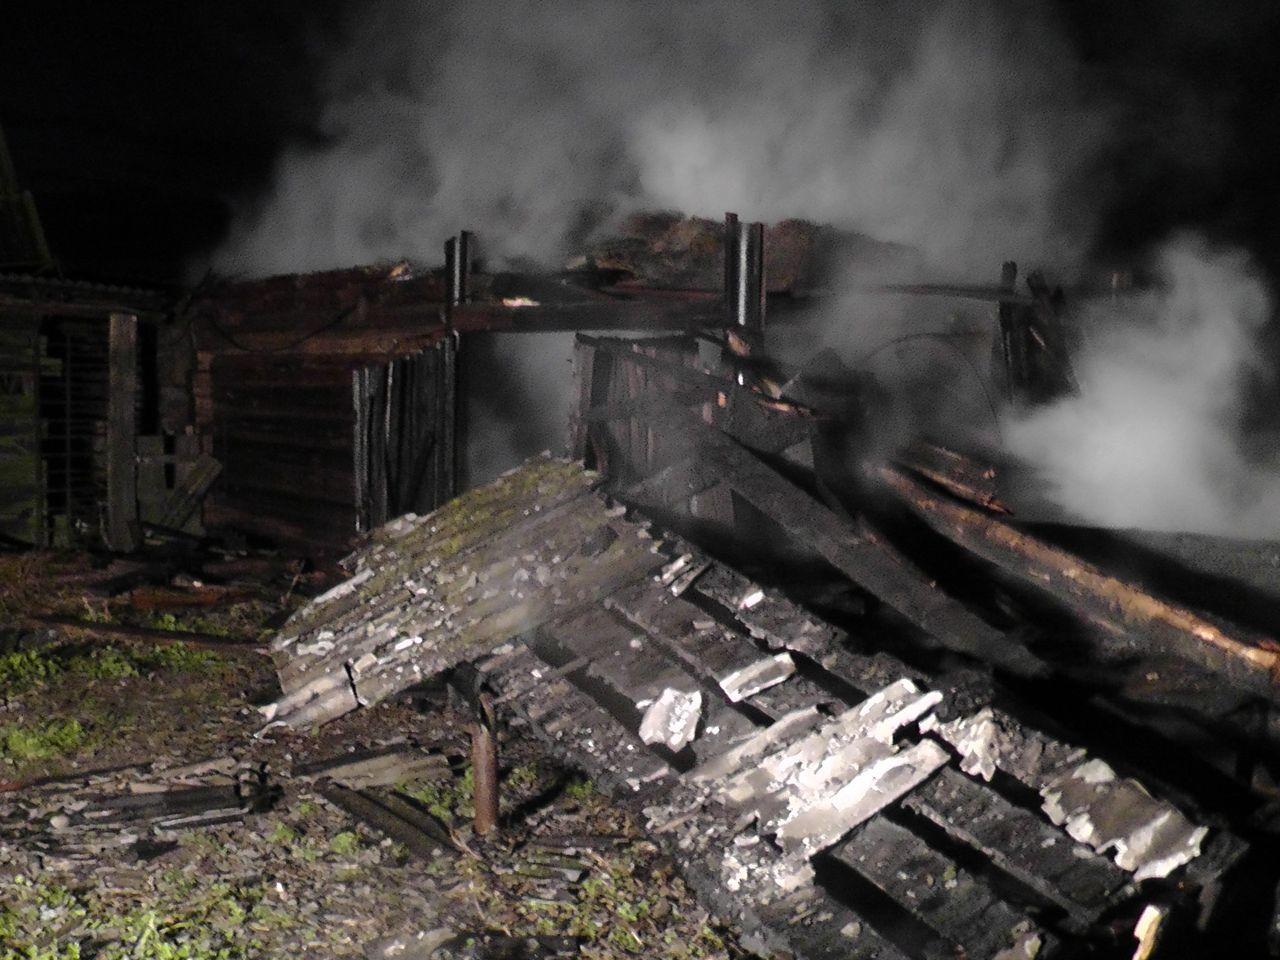 Пожар в деревне Секеричи cujhtk cfhfq 2